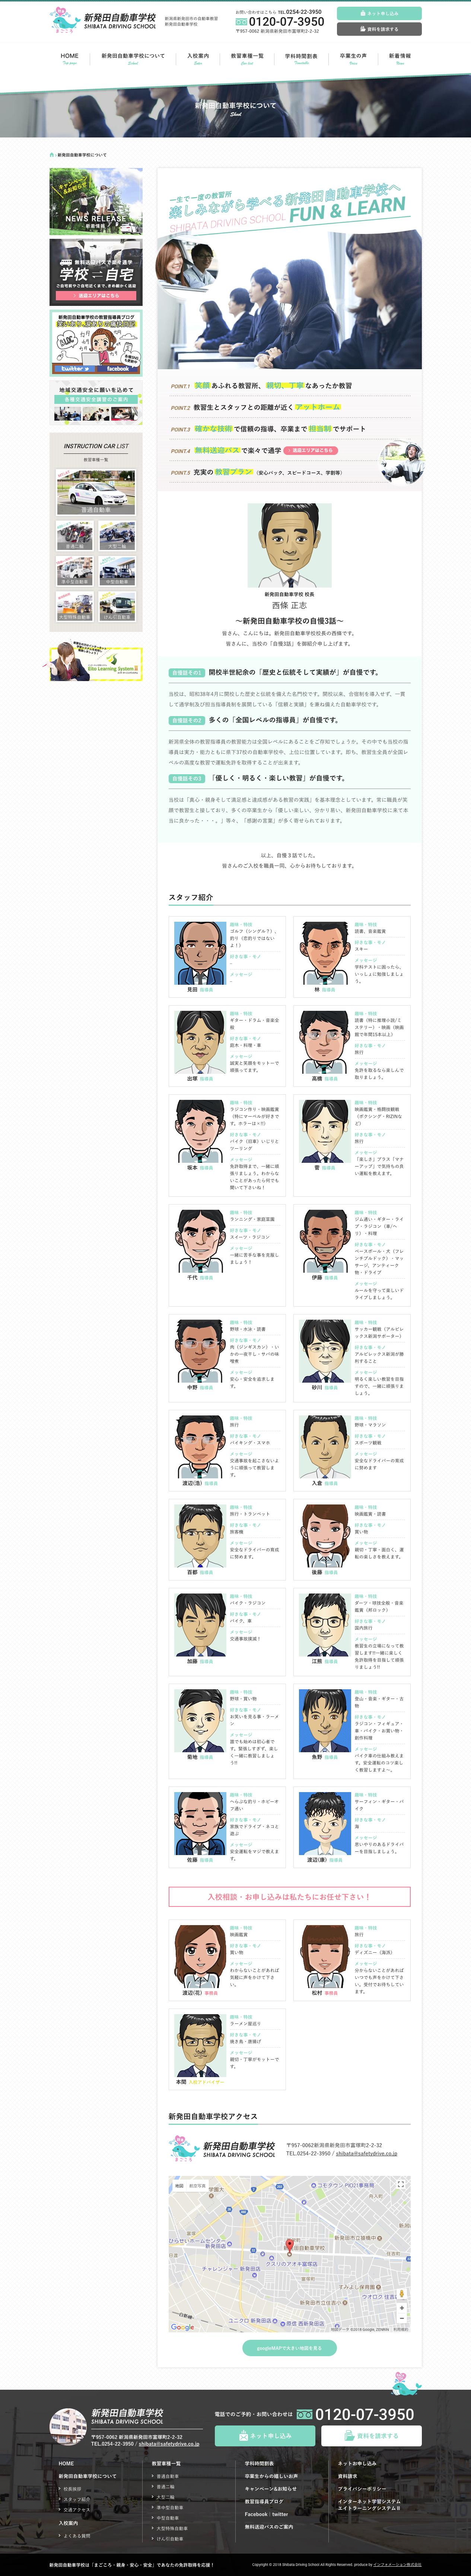 新発田自動車学校 様のホームページ